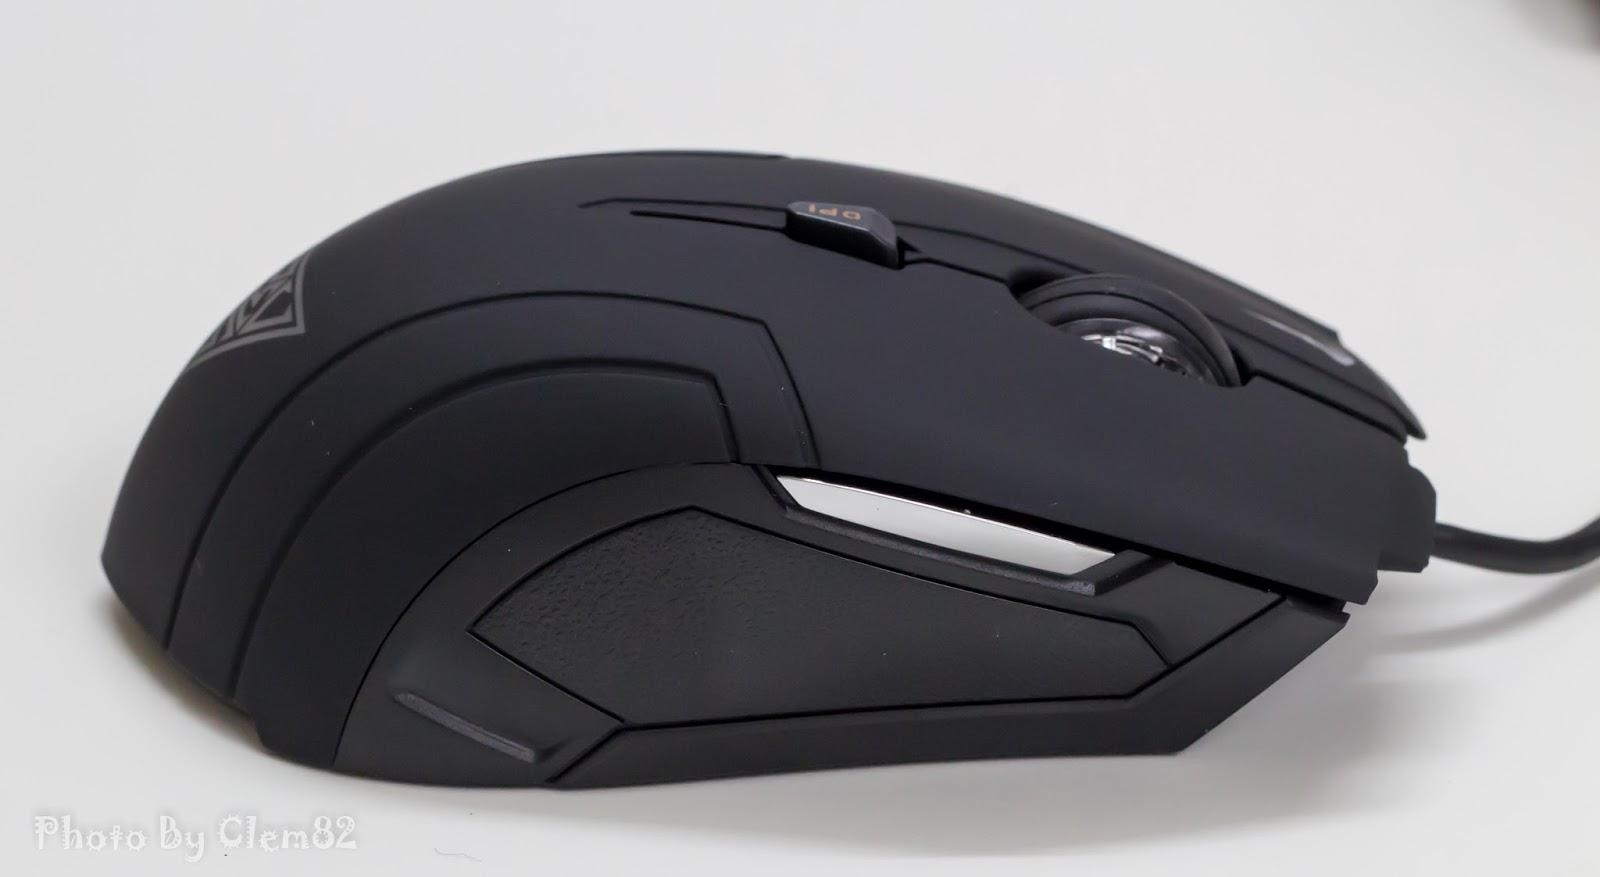 Gamdias Demeter Optical Gaming Mouse 7